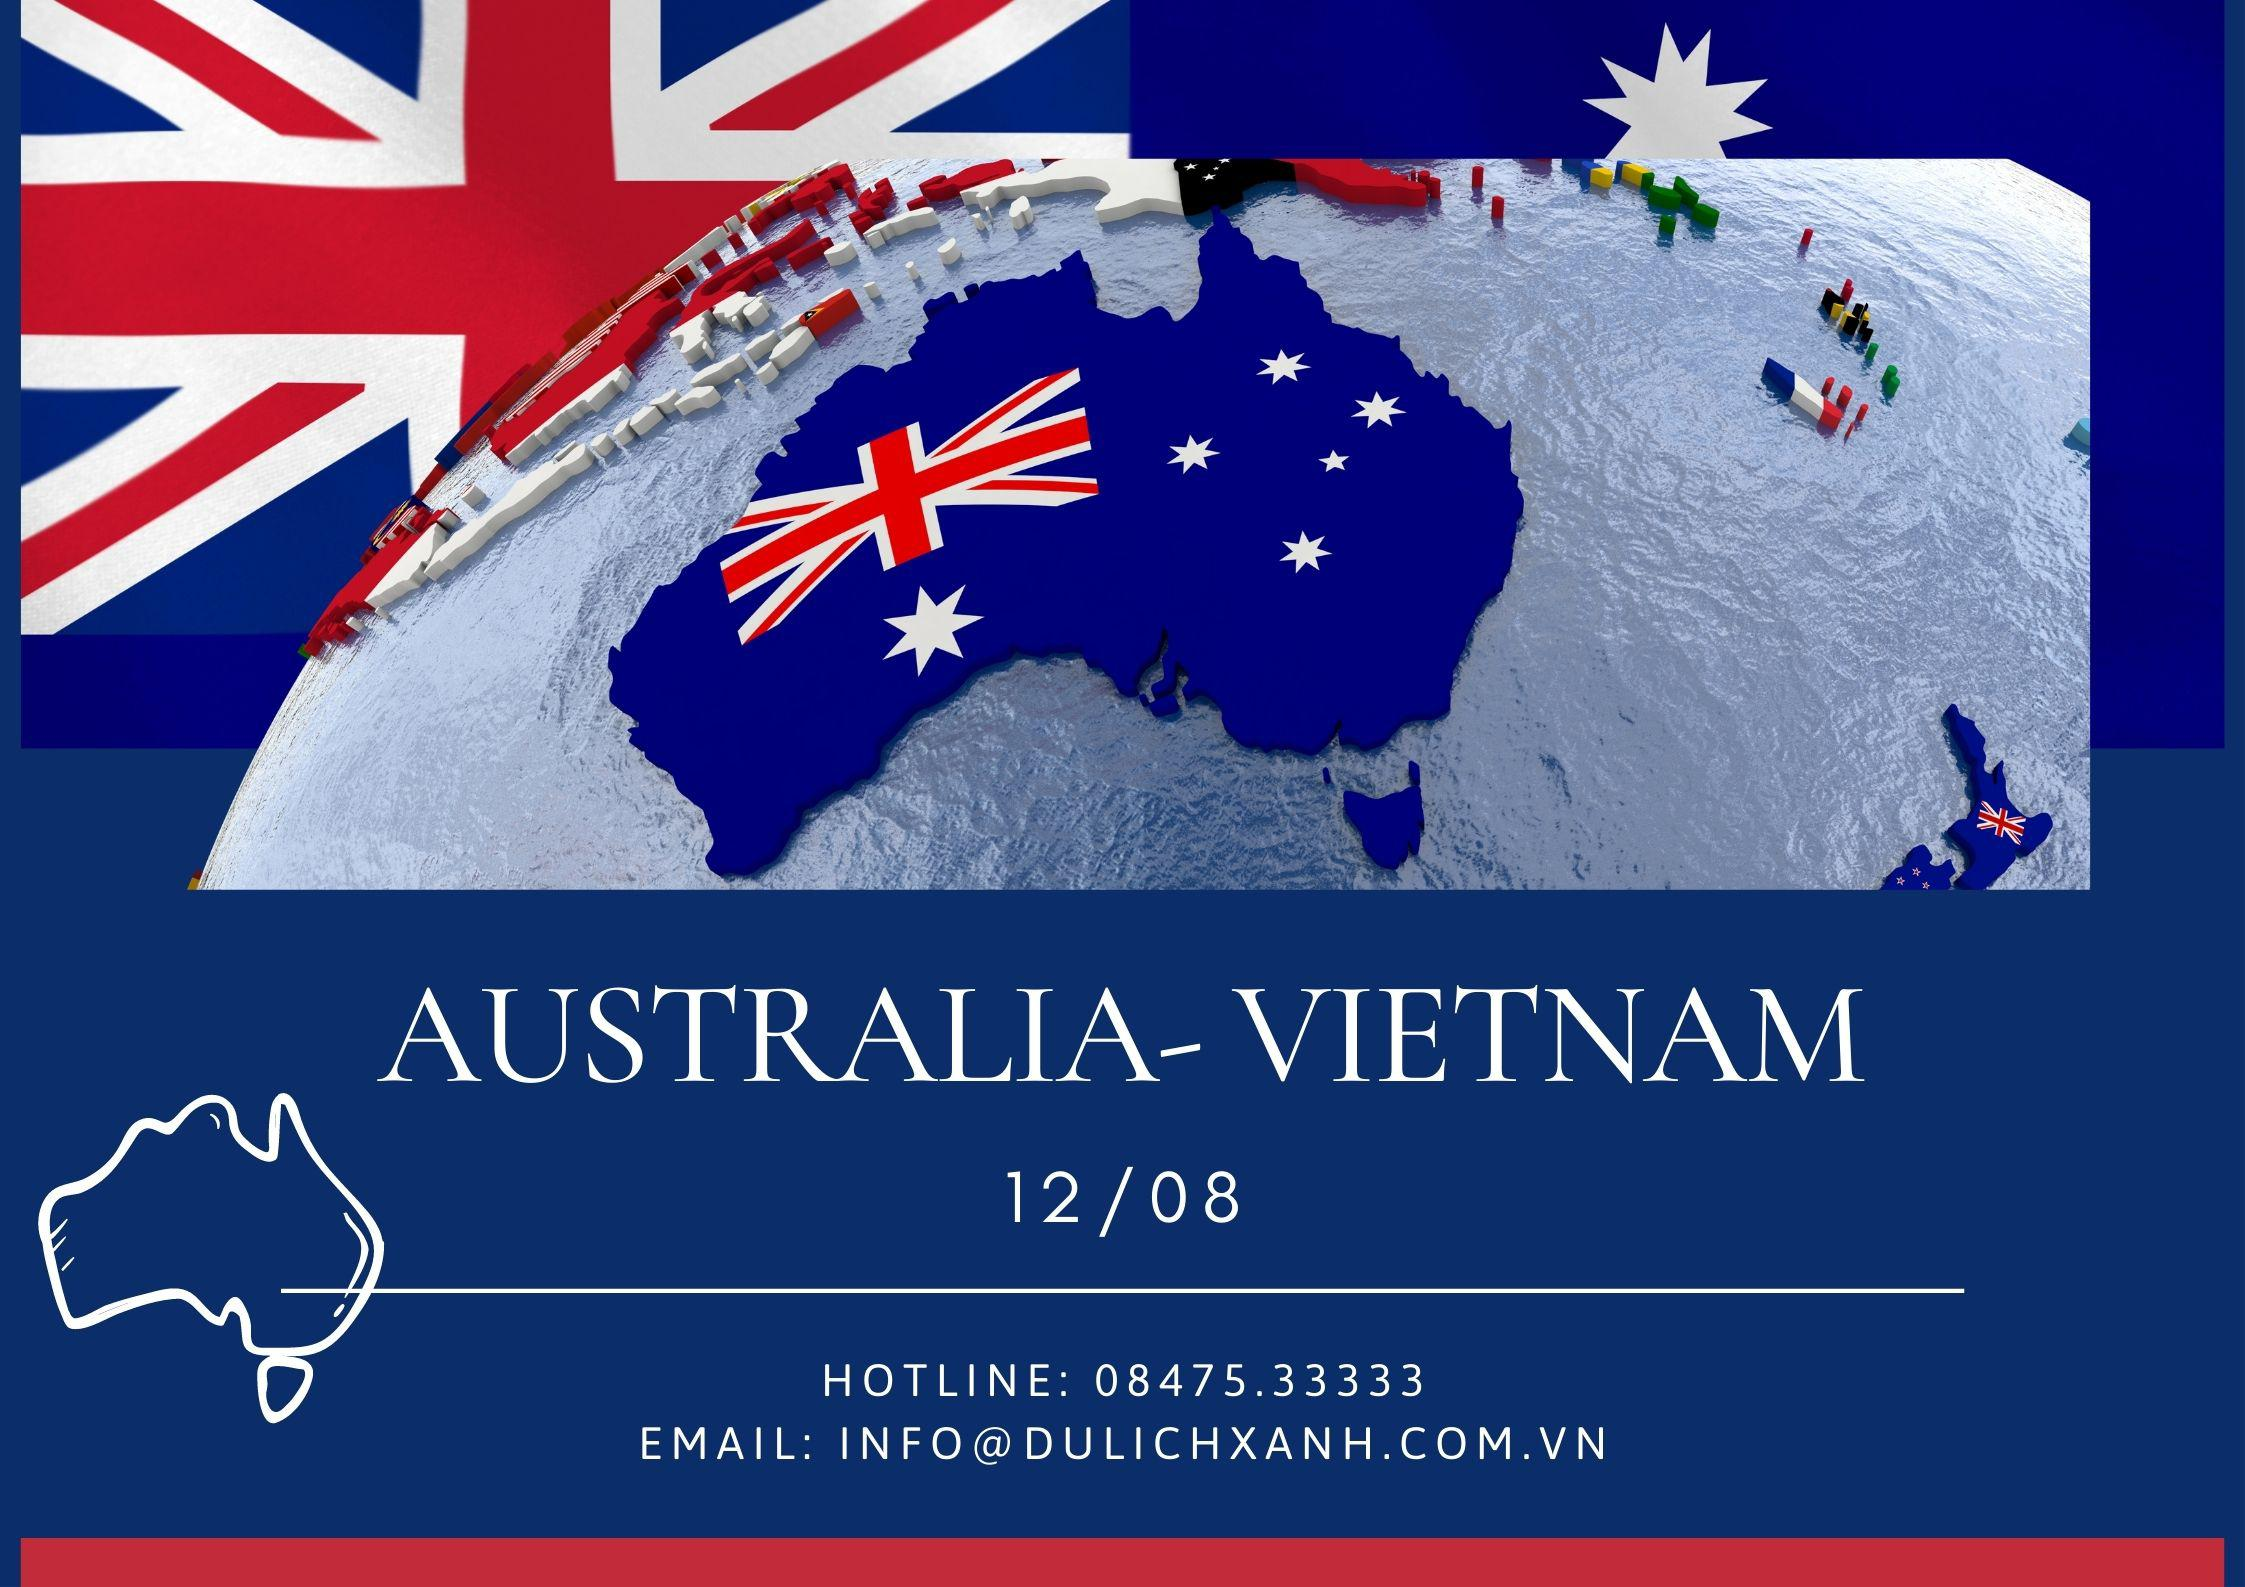 Đăng ký chuyến bay cứu trợ từ Úc về Việt Nam 12/08